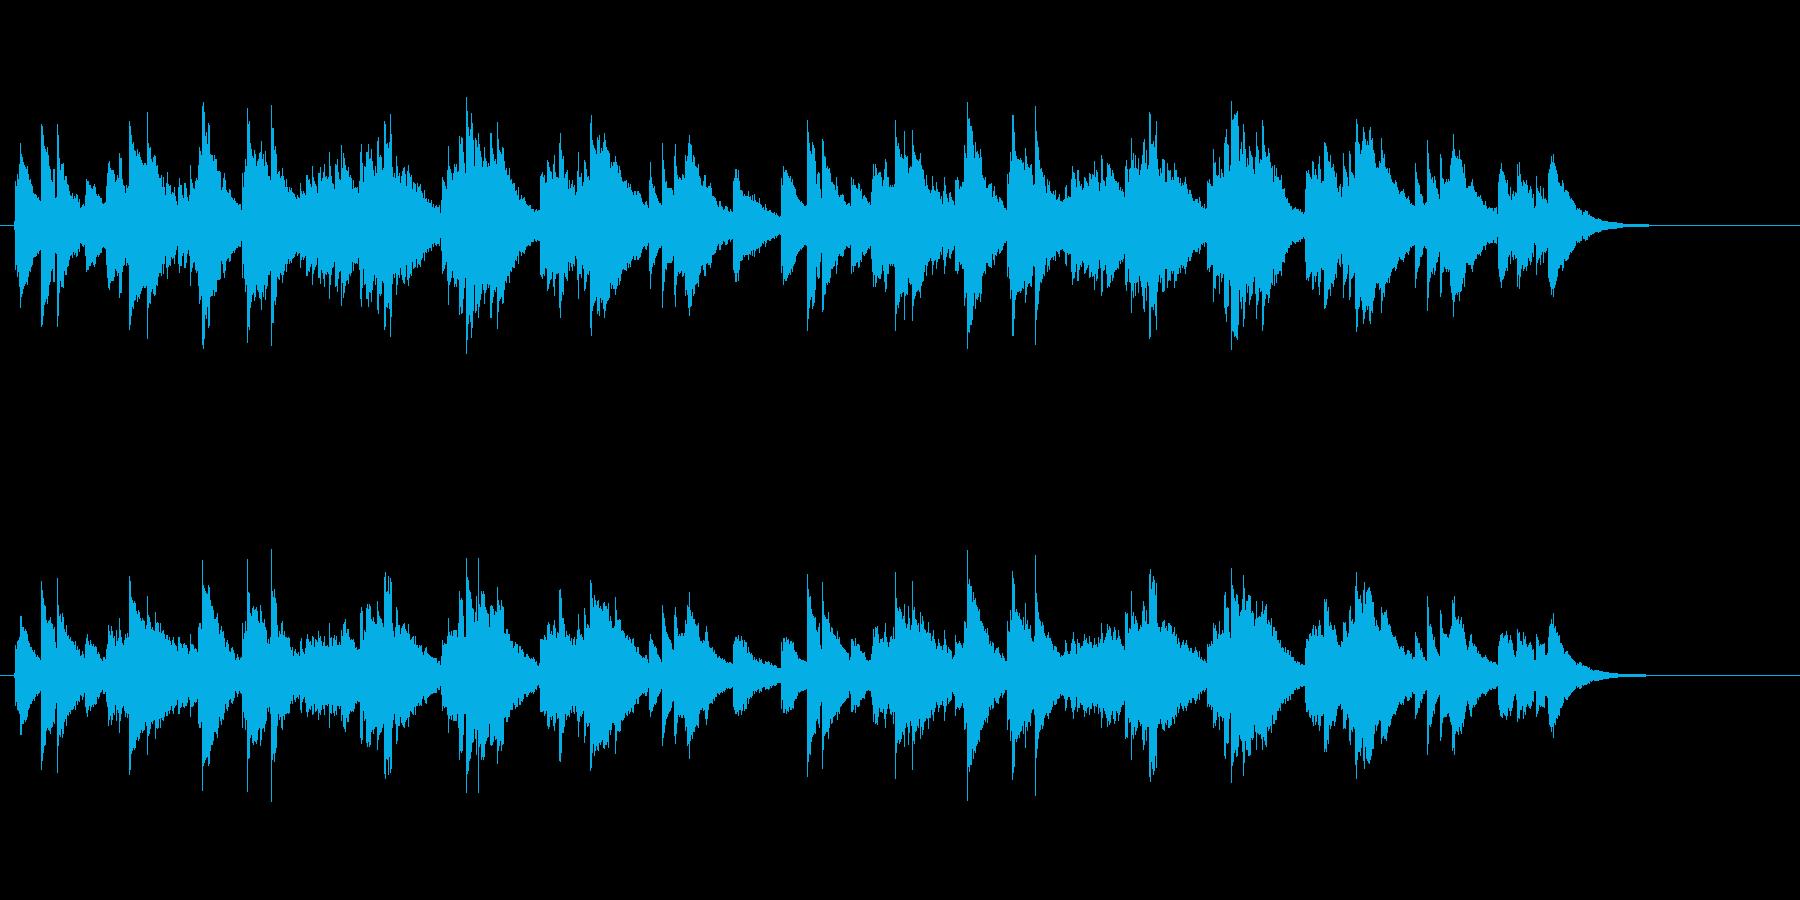 ツインアコースティックギターサウンドの再生済みの波形